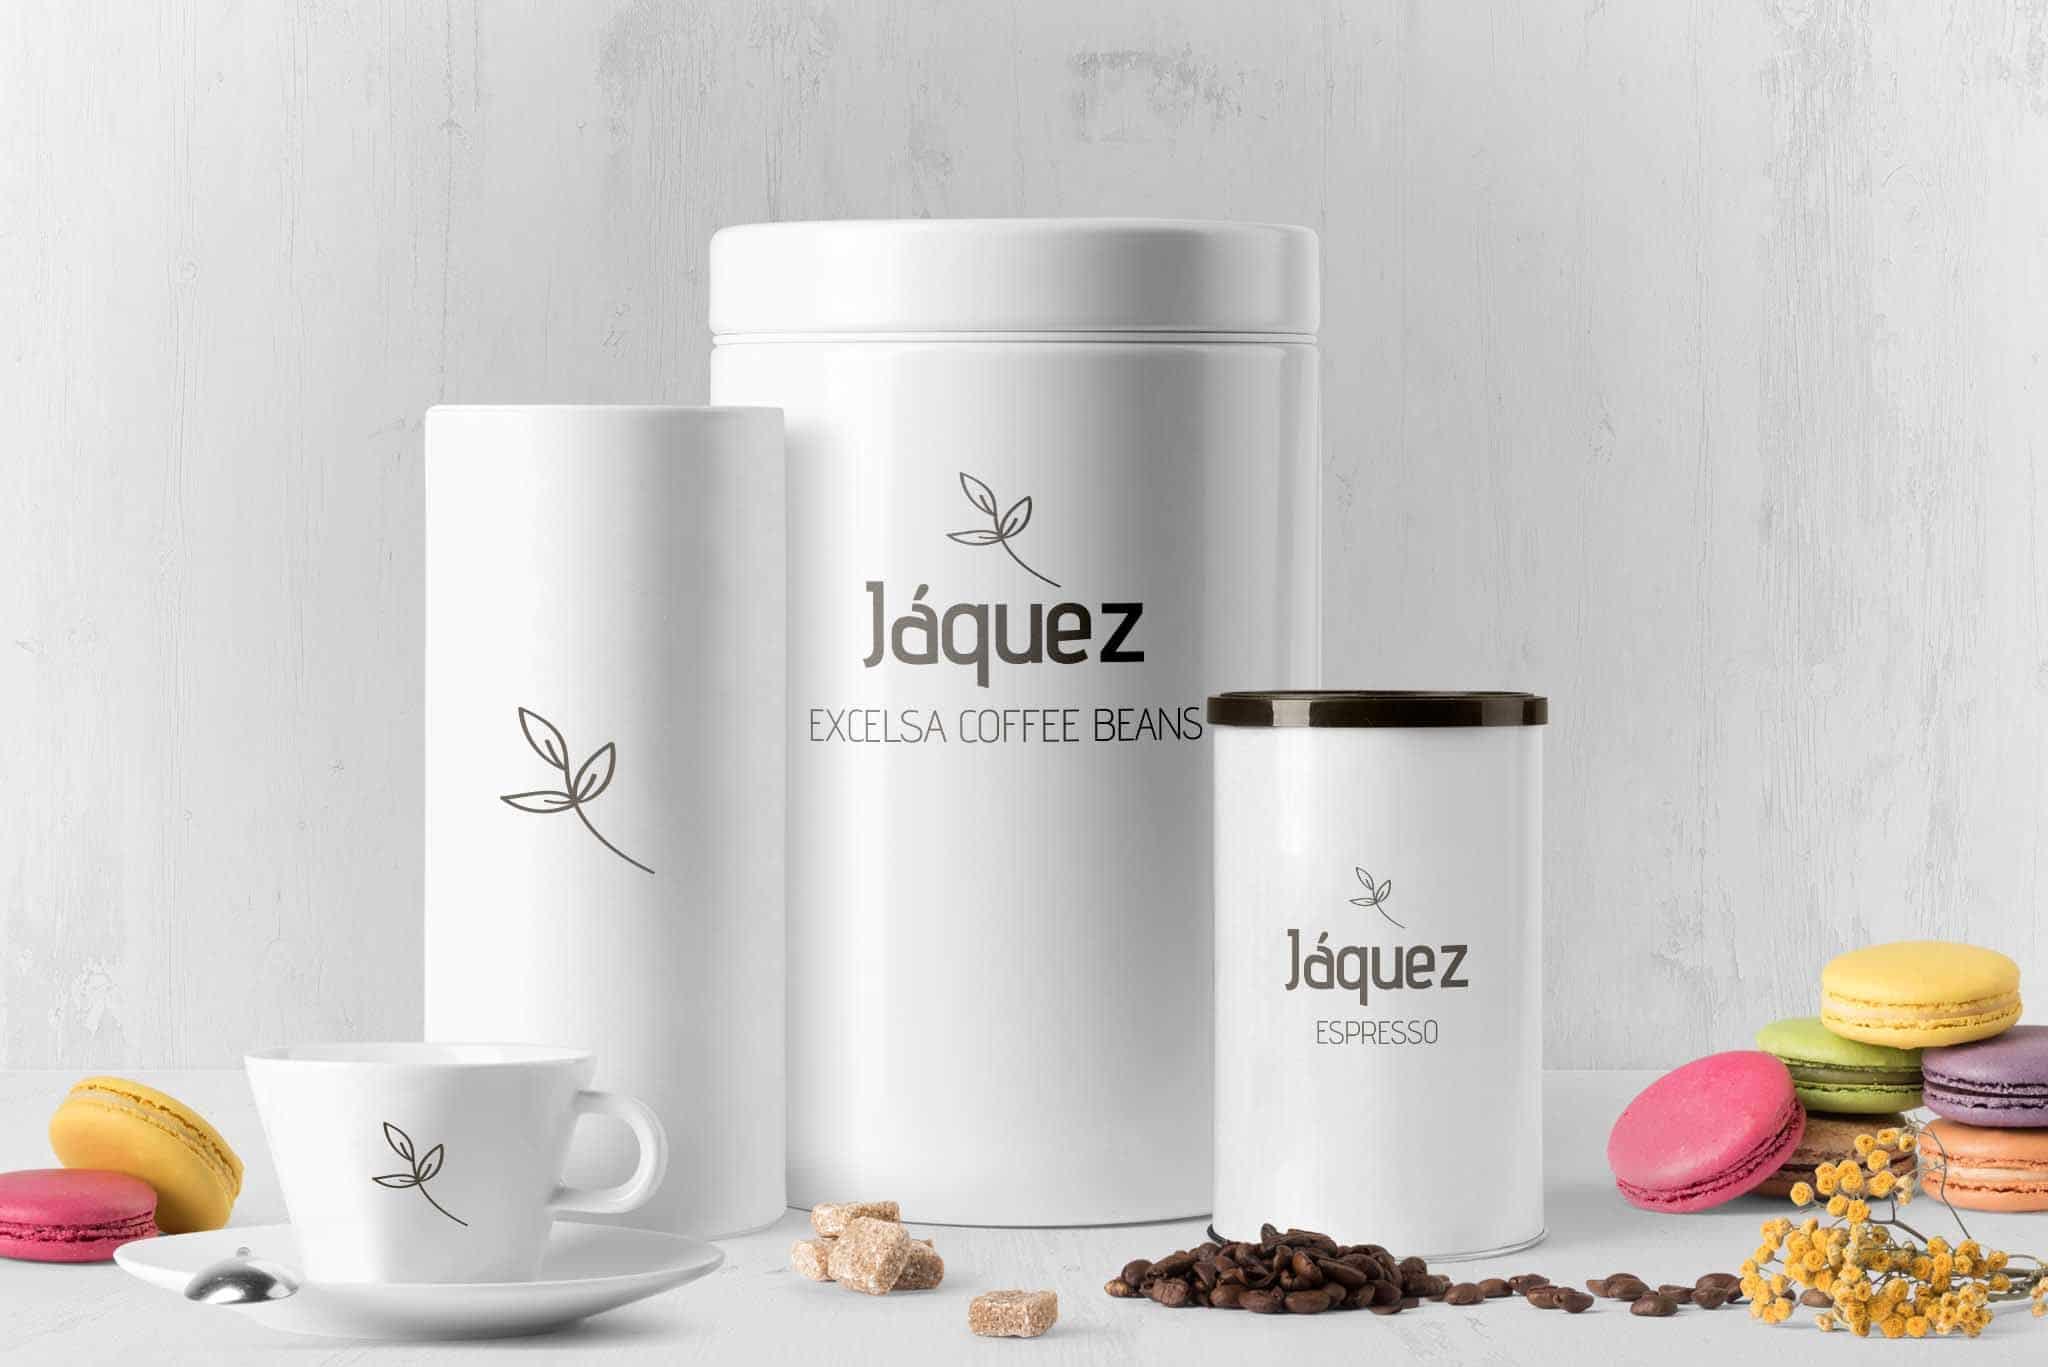 Jáquez Expresso Coffee Packaging